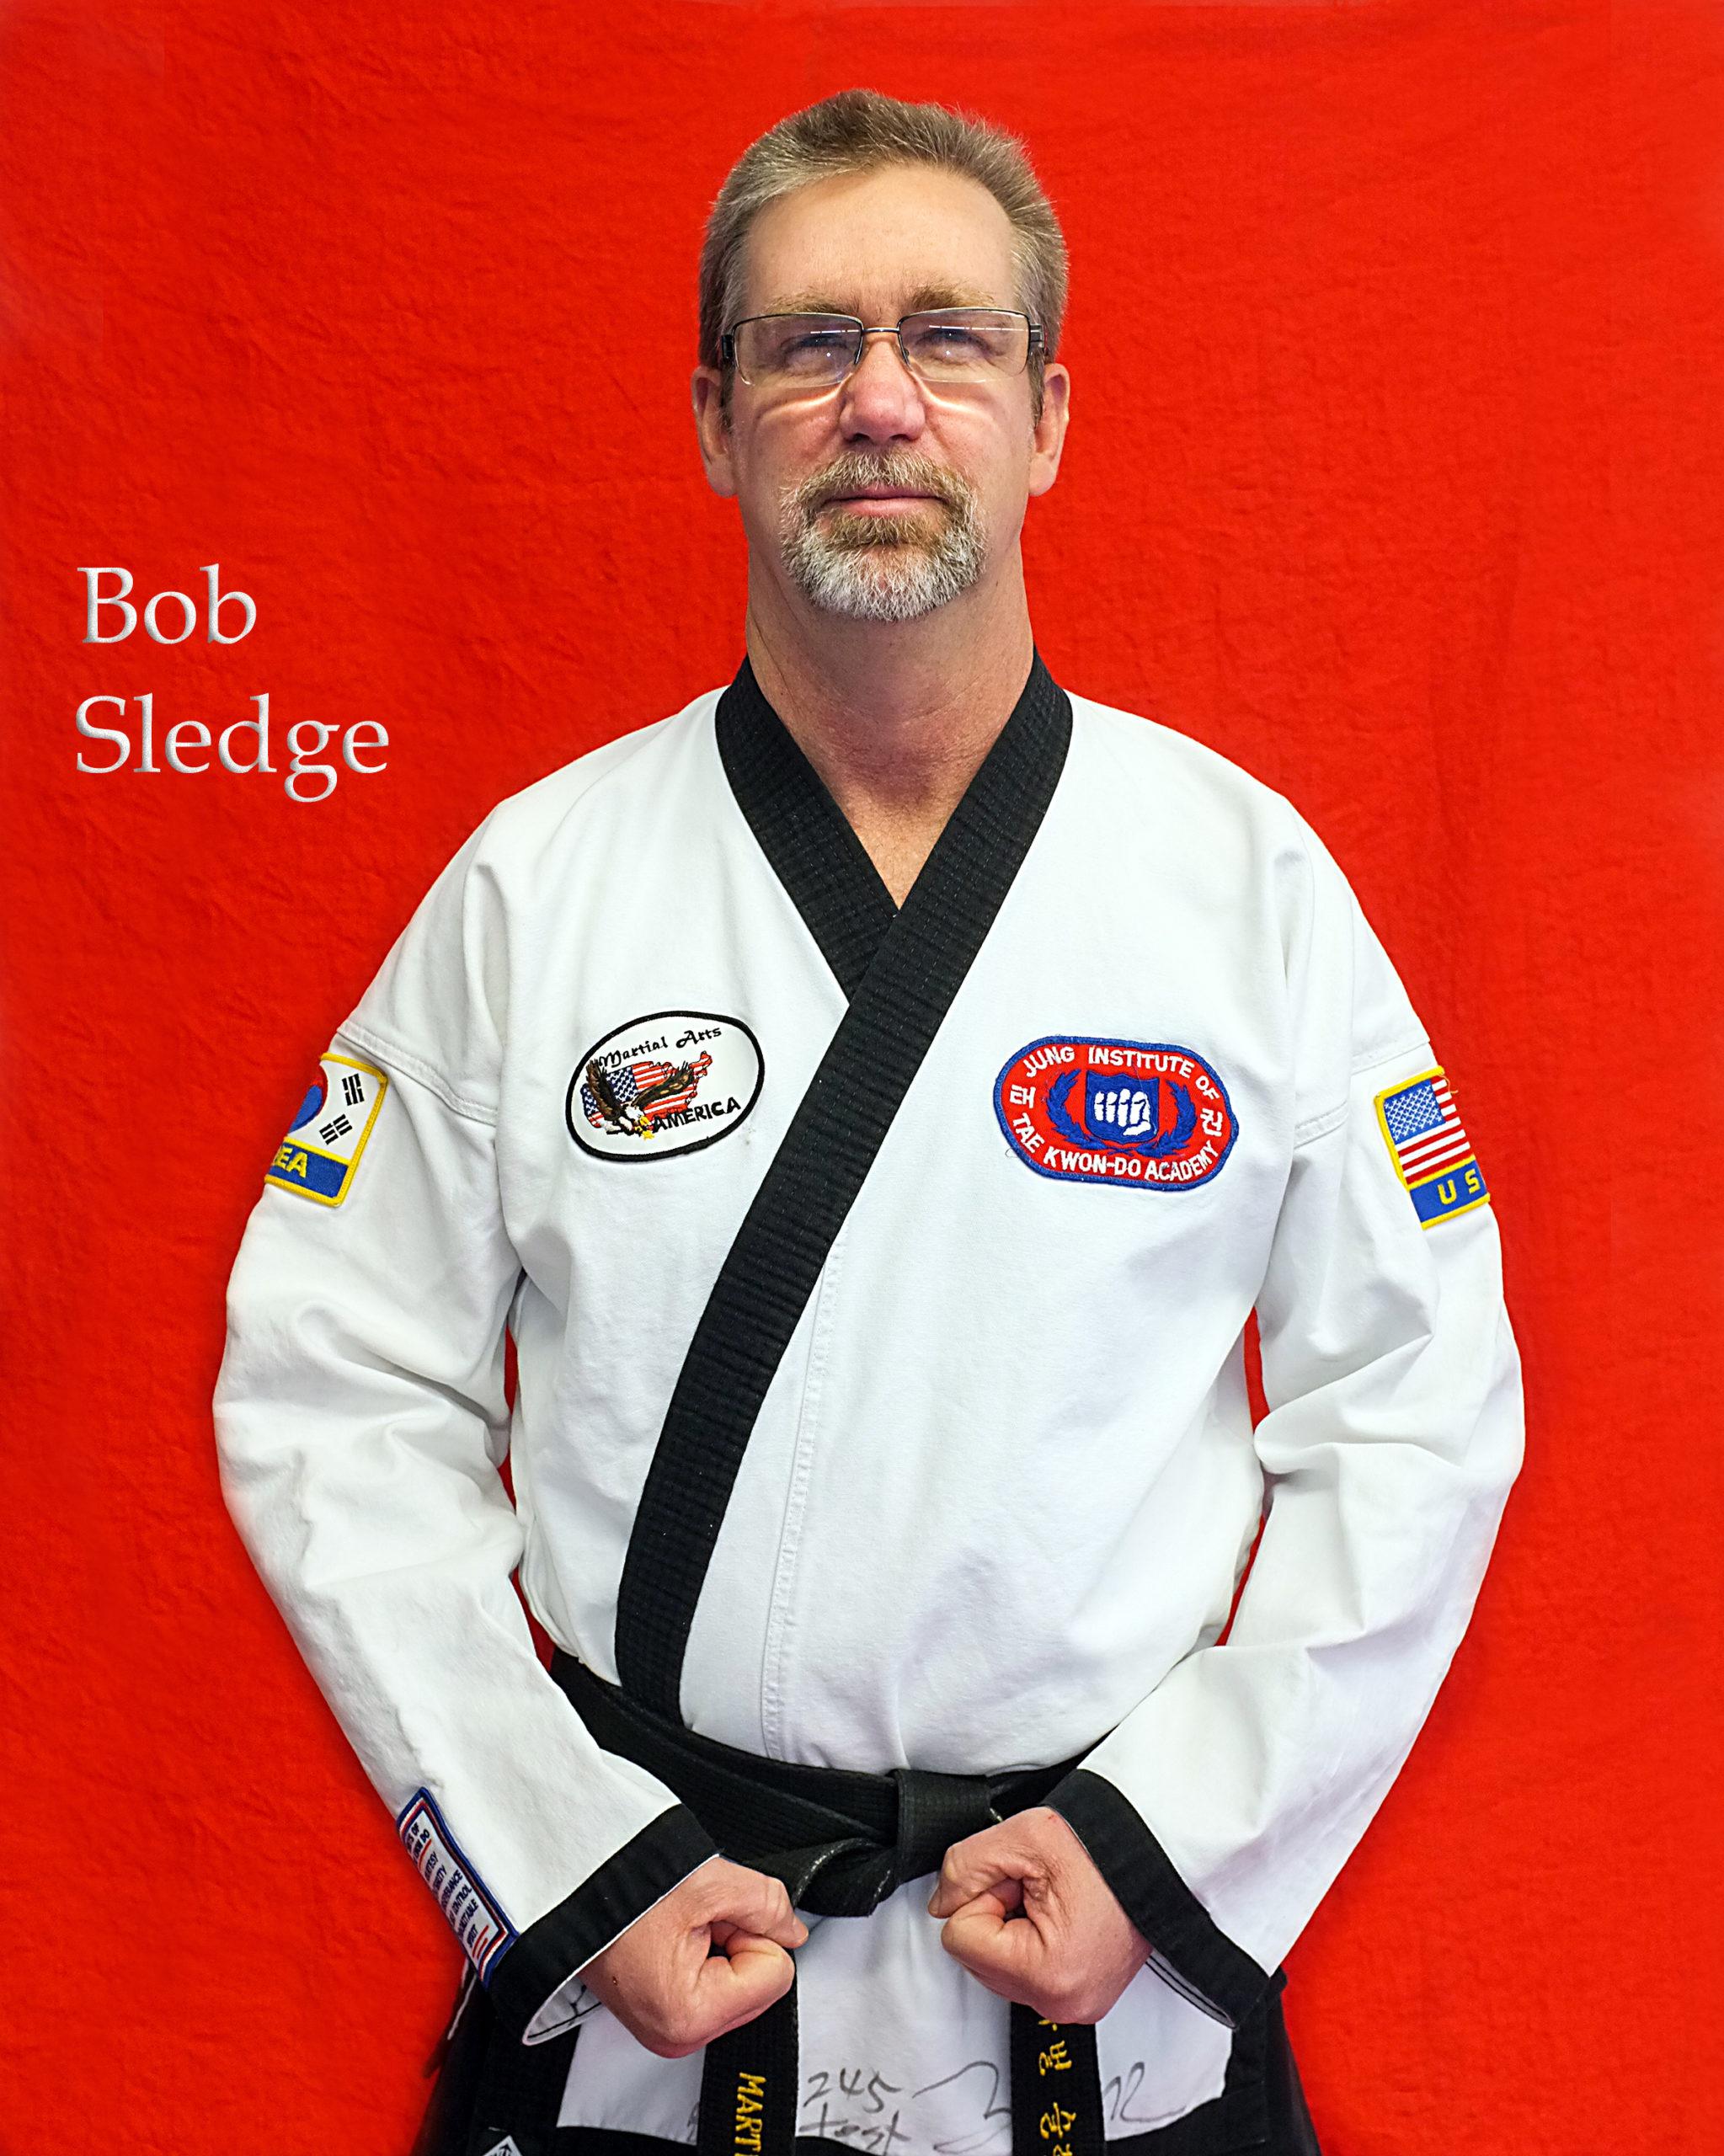 Grandmaster Bob Sledge